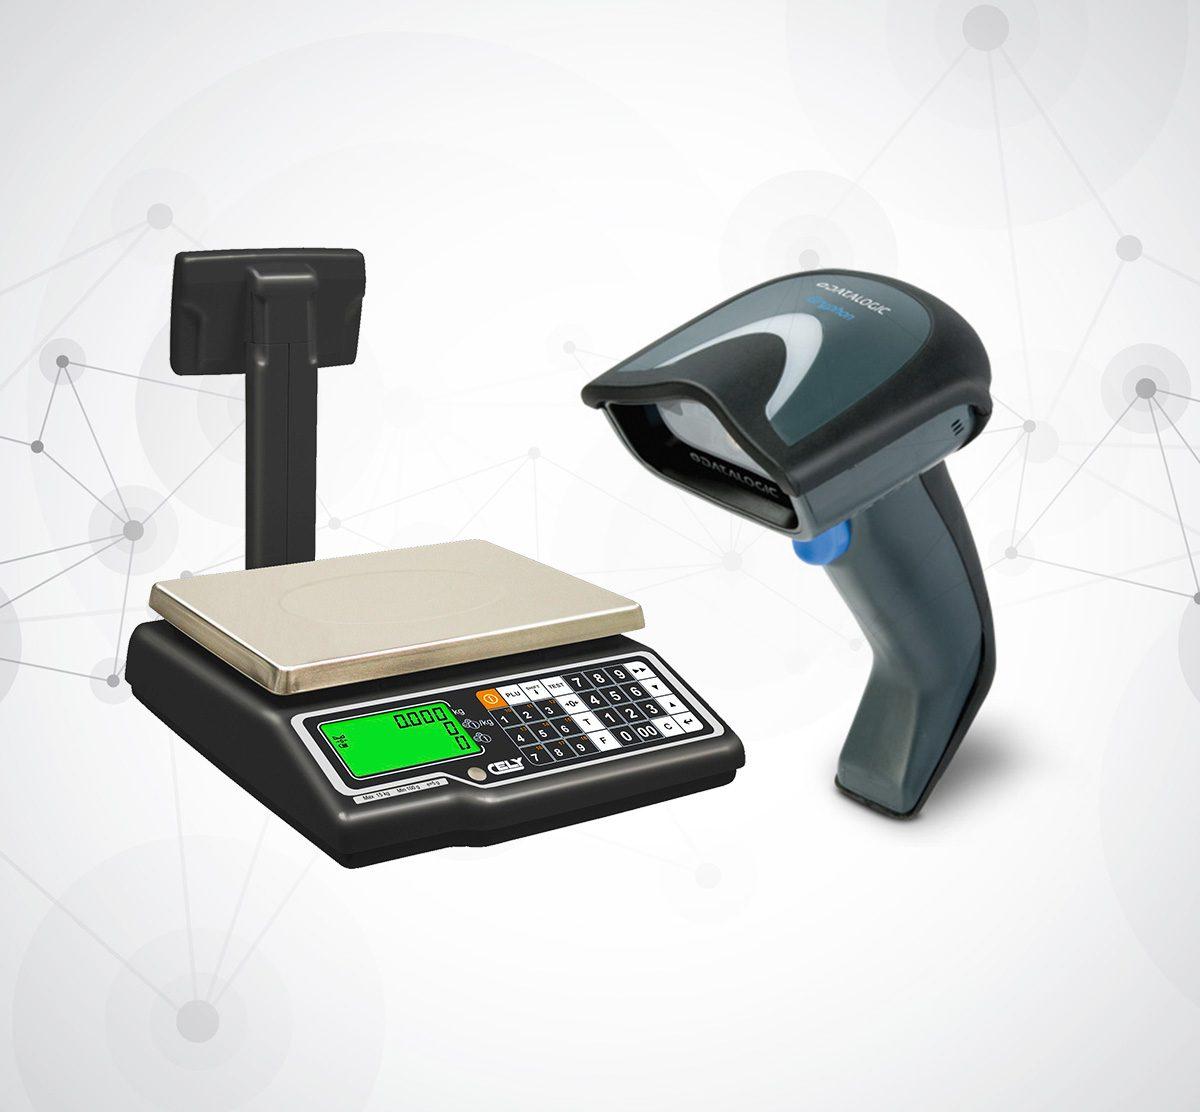 Waga elektroniczna marki Dibal i skaner kodów marki Datalogic